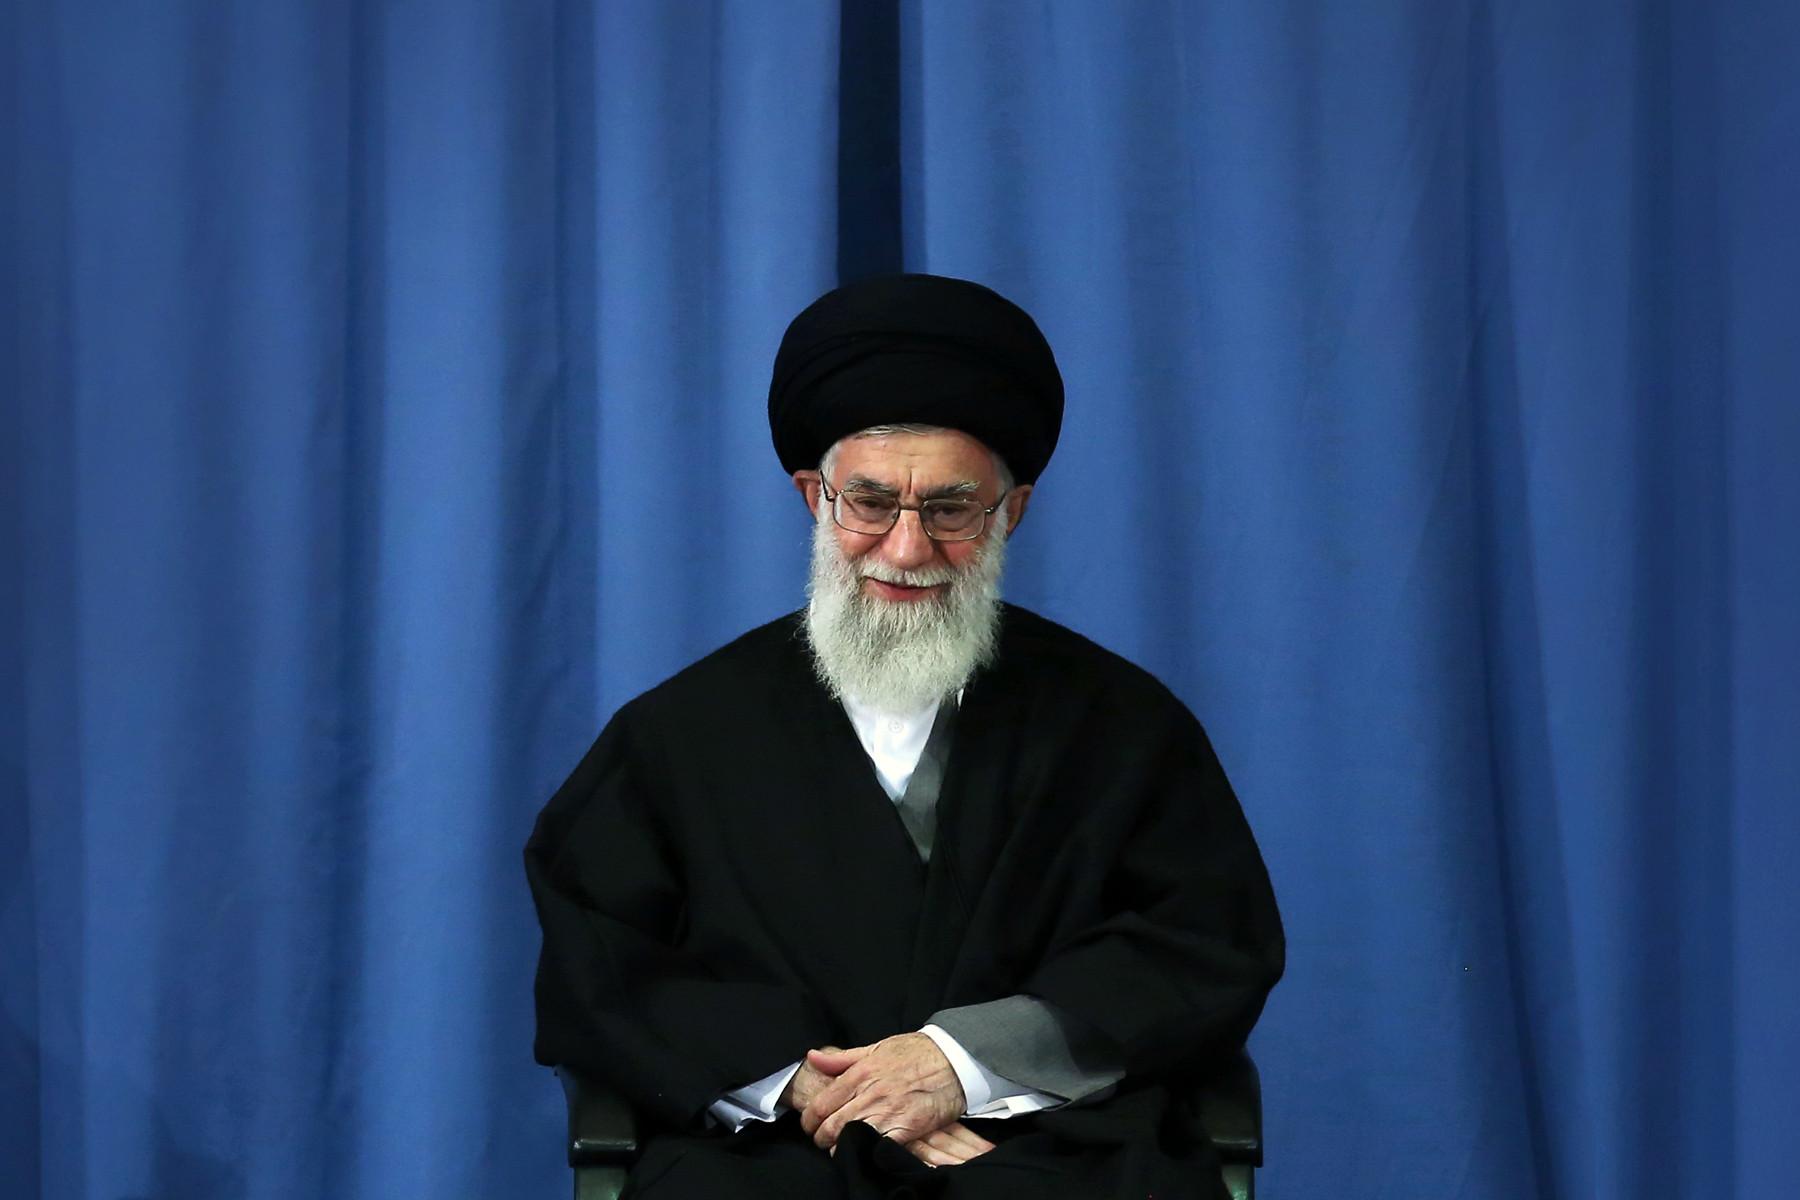 راه مقابله با استکباراتحاد مسلمانان است